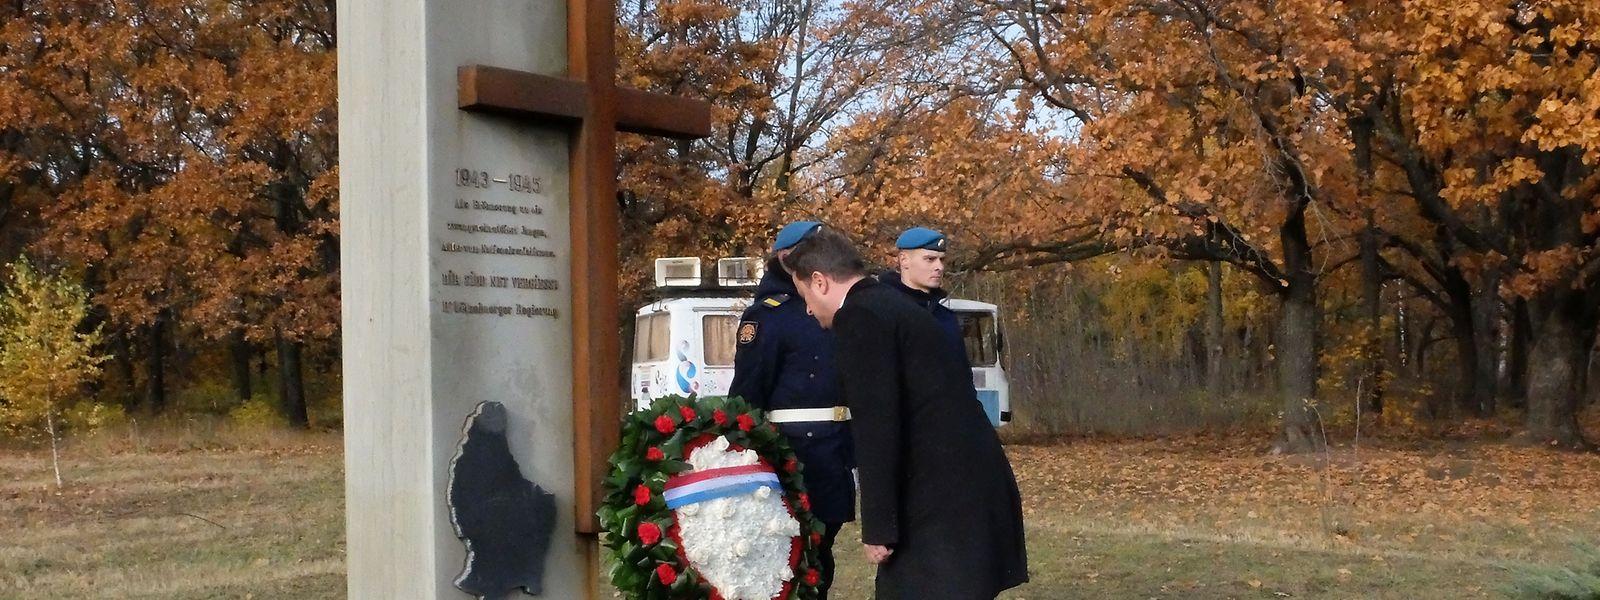 Das Mahnmal in Tambow erinnert an das Schicksal der 1.021 Zwangsrekrutierten, die im Lager 188 inhaftiert waren.